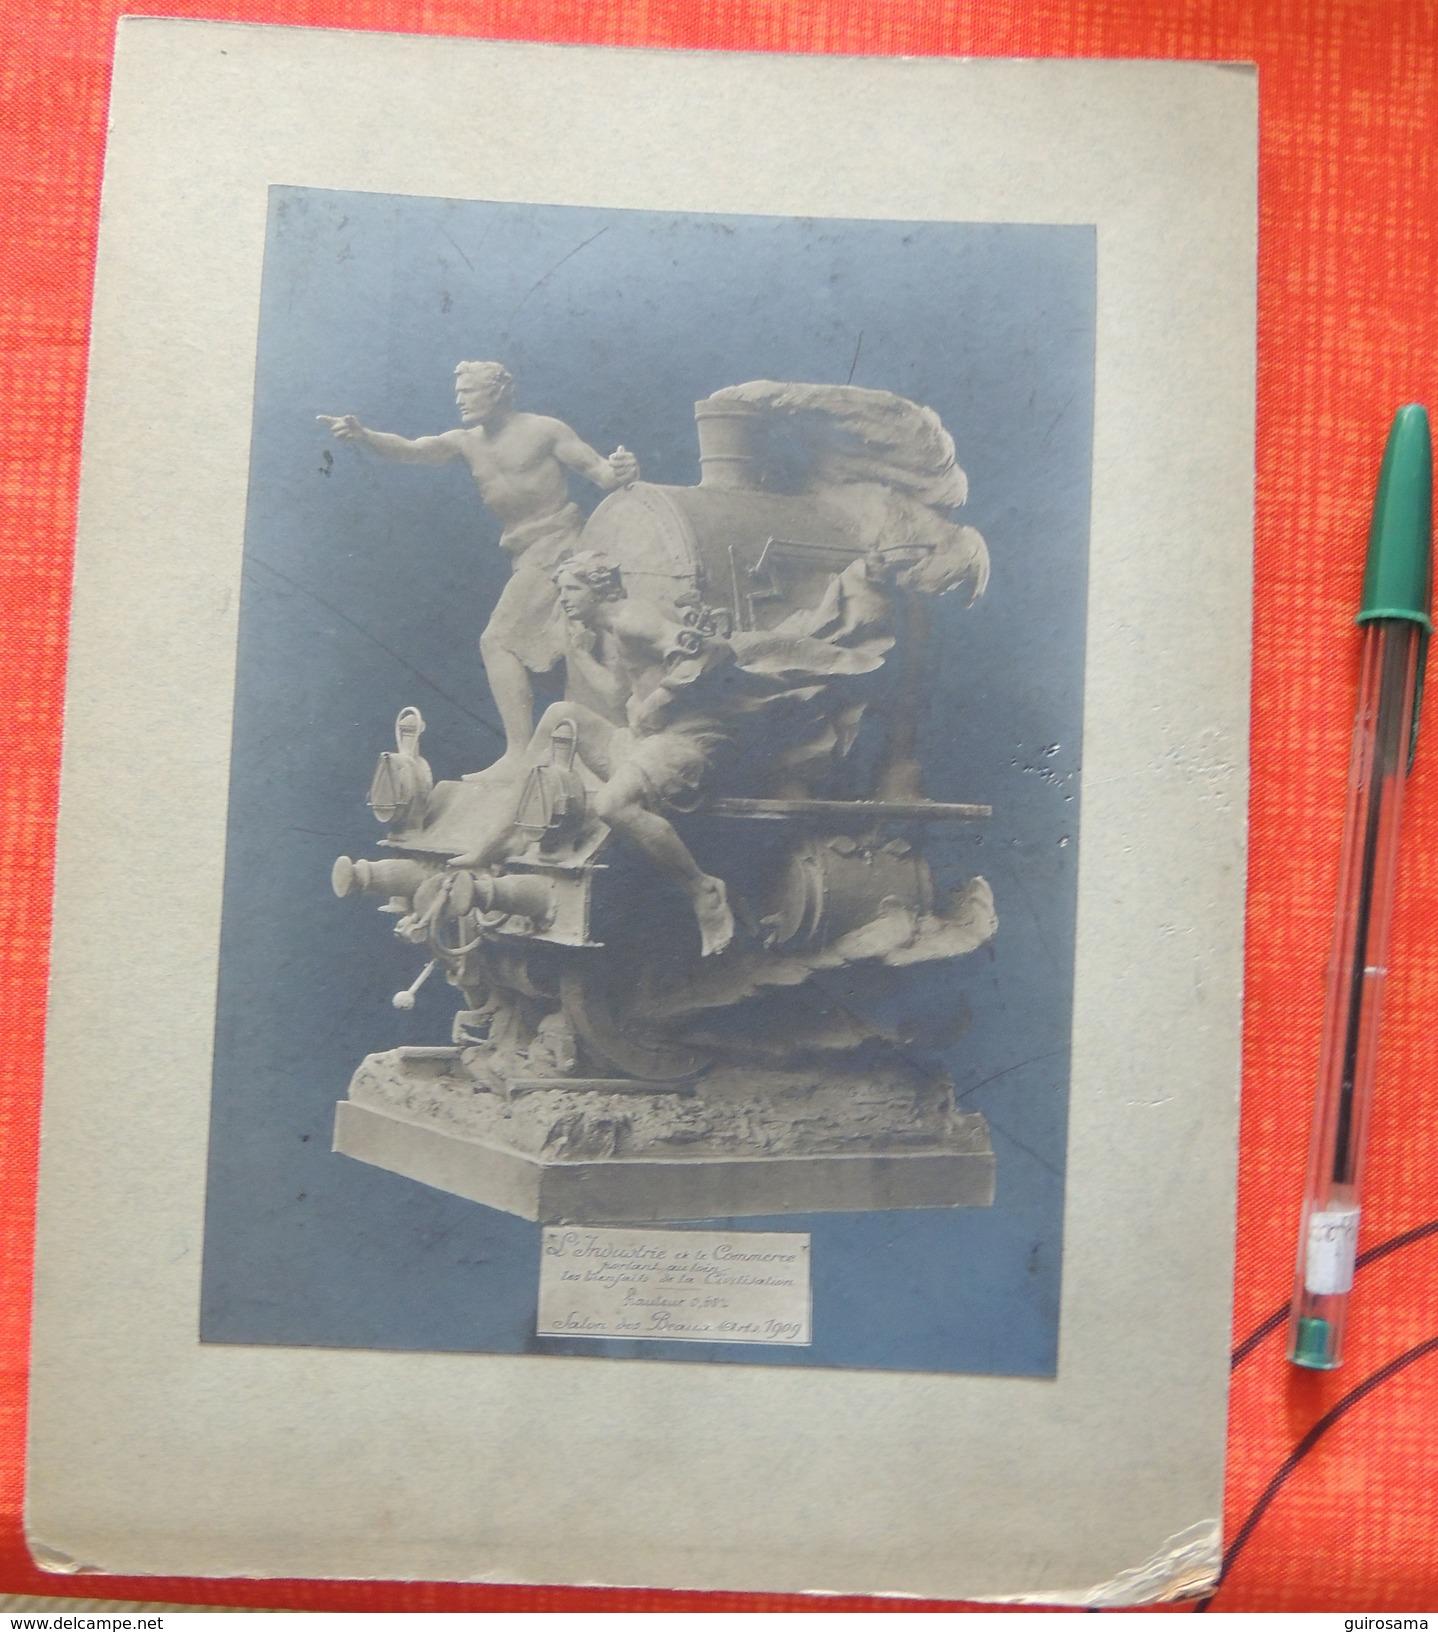 """Photo D'une Sculpture Du Salon Des Beaux Arts 1909 : """"Léon Virlet Fabrique De Bronze D'art 12 Rue Oberkampf Paris"""" - Esculturas"""